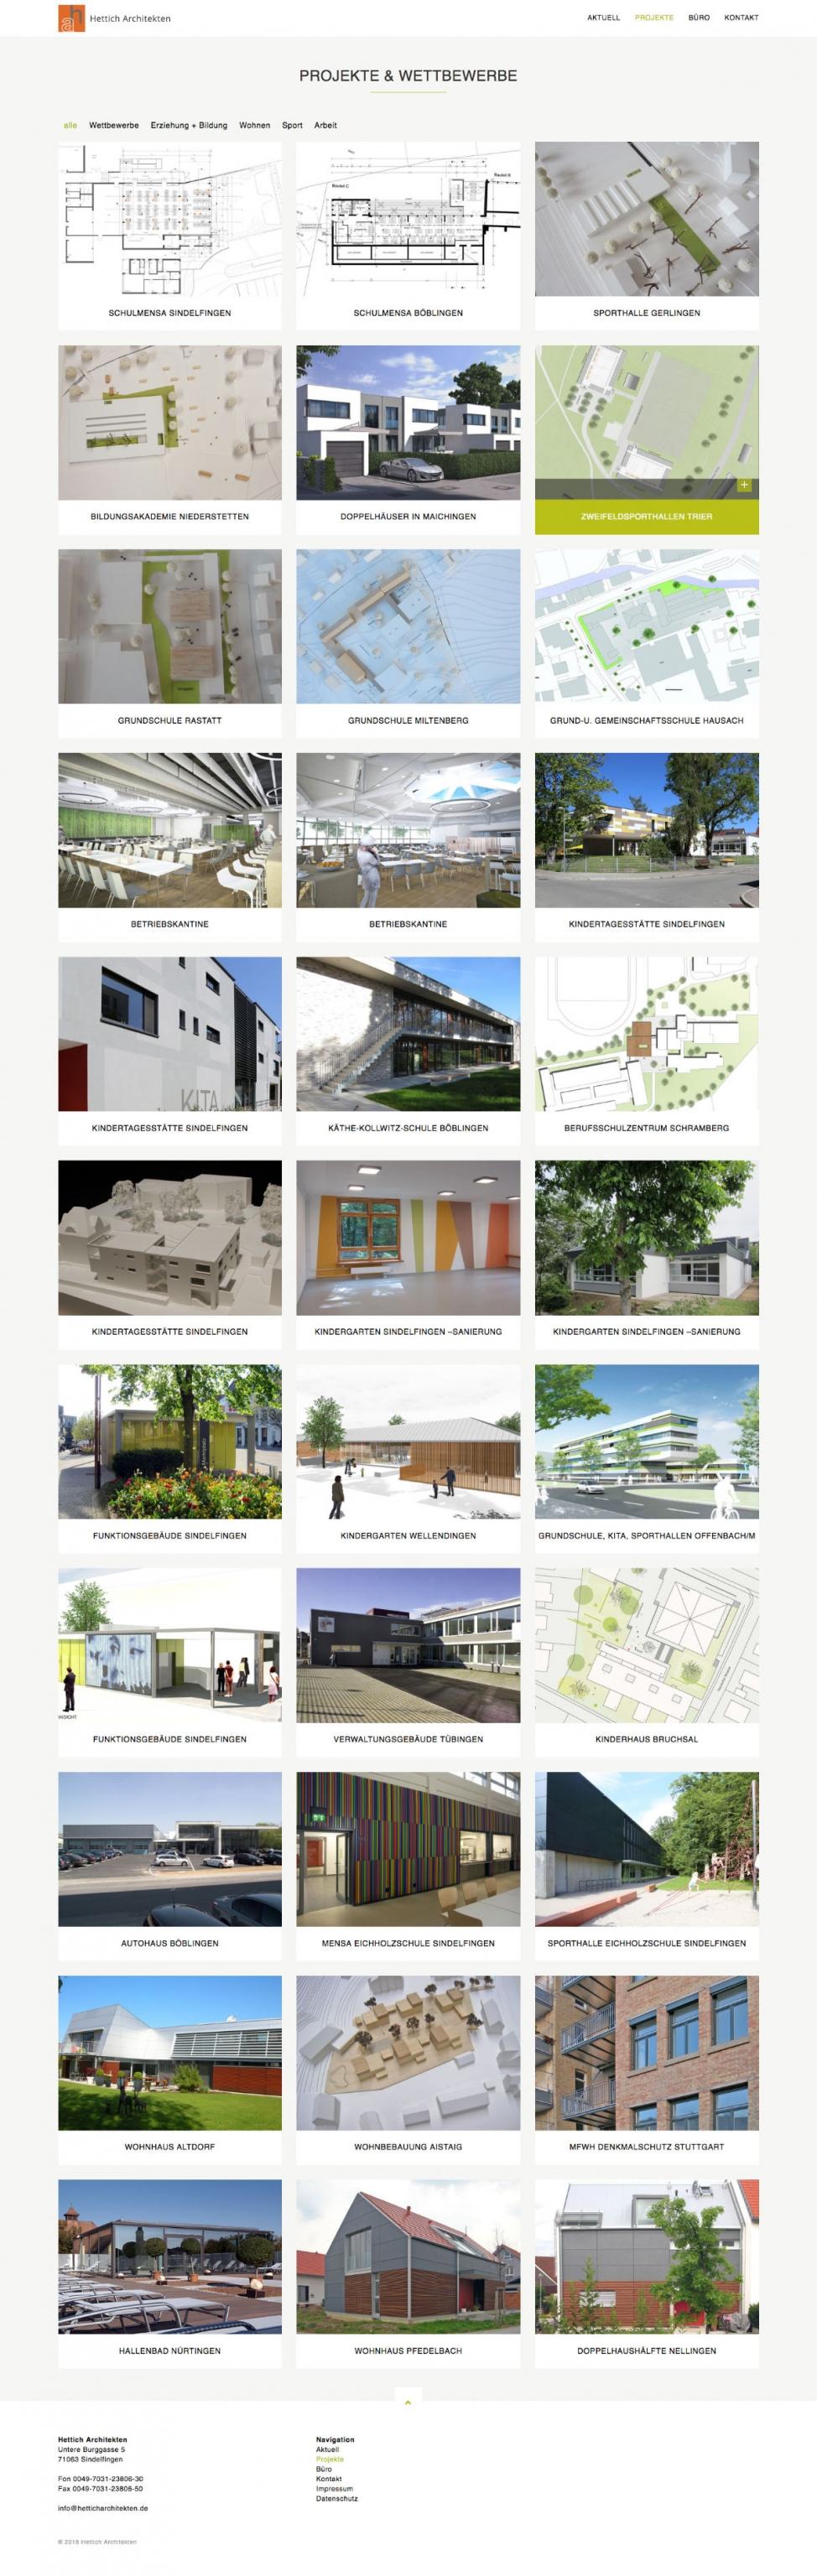 Hettich Architekten